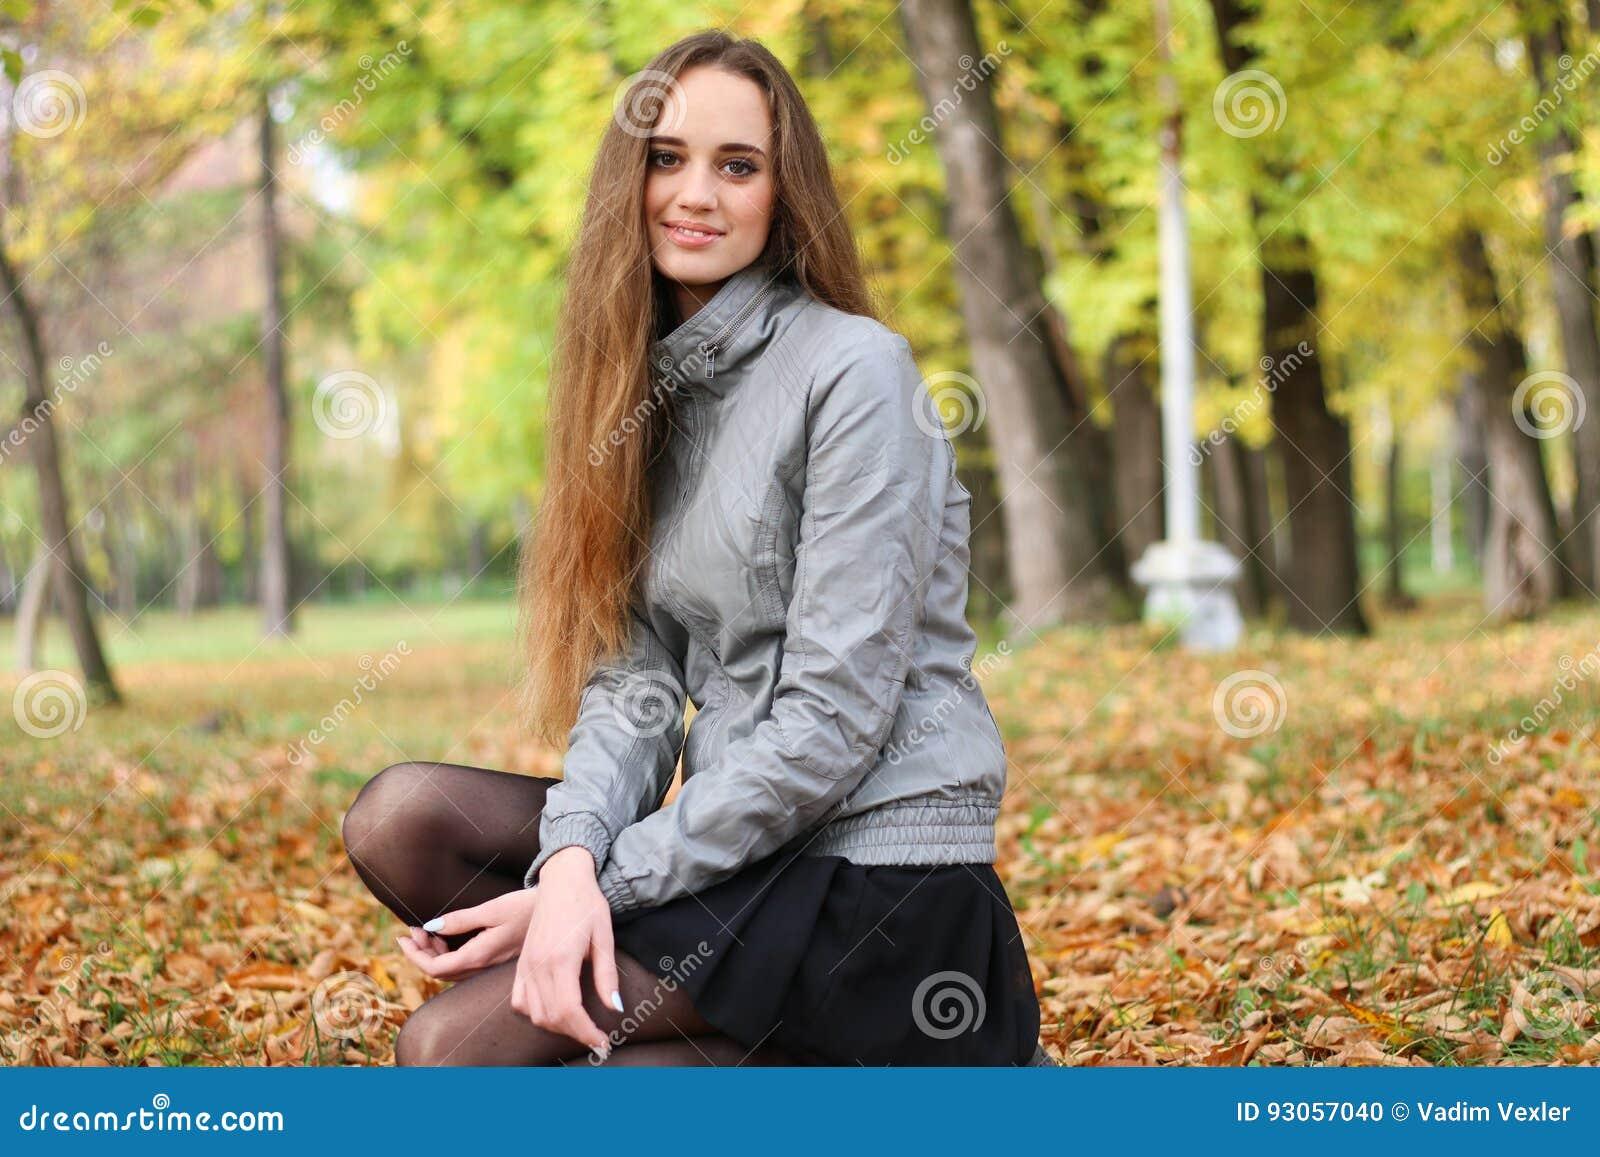 Красивая девушка в юбке сидит на корточках 13